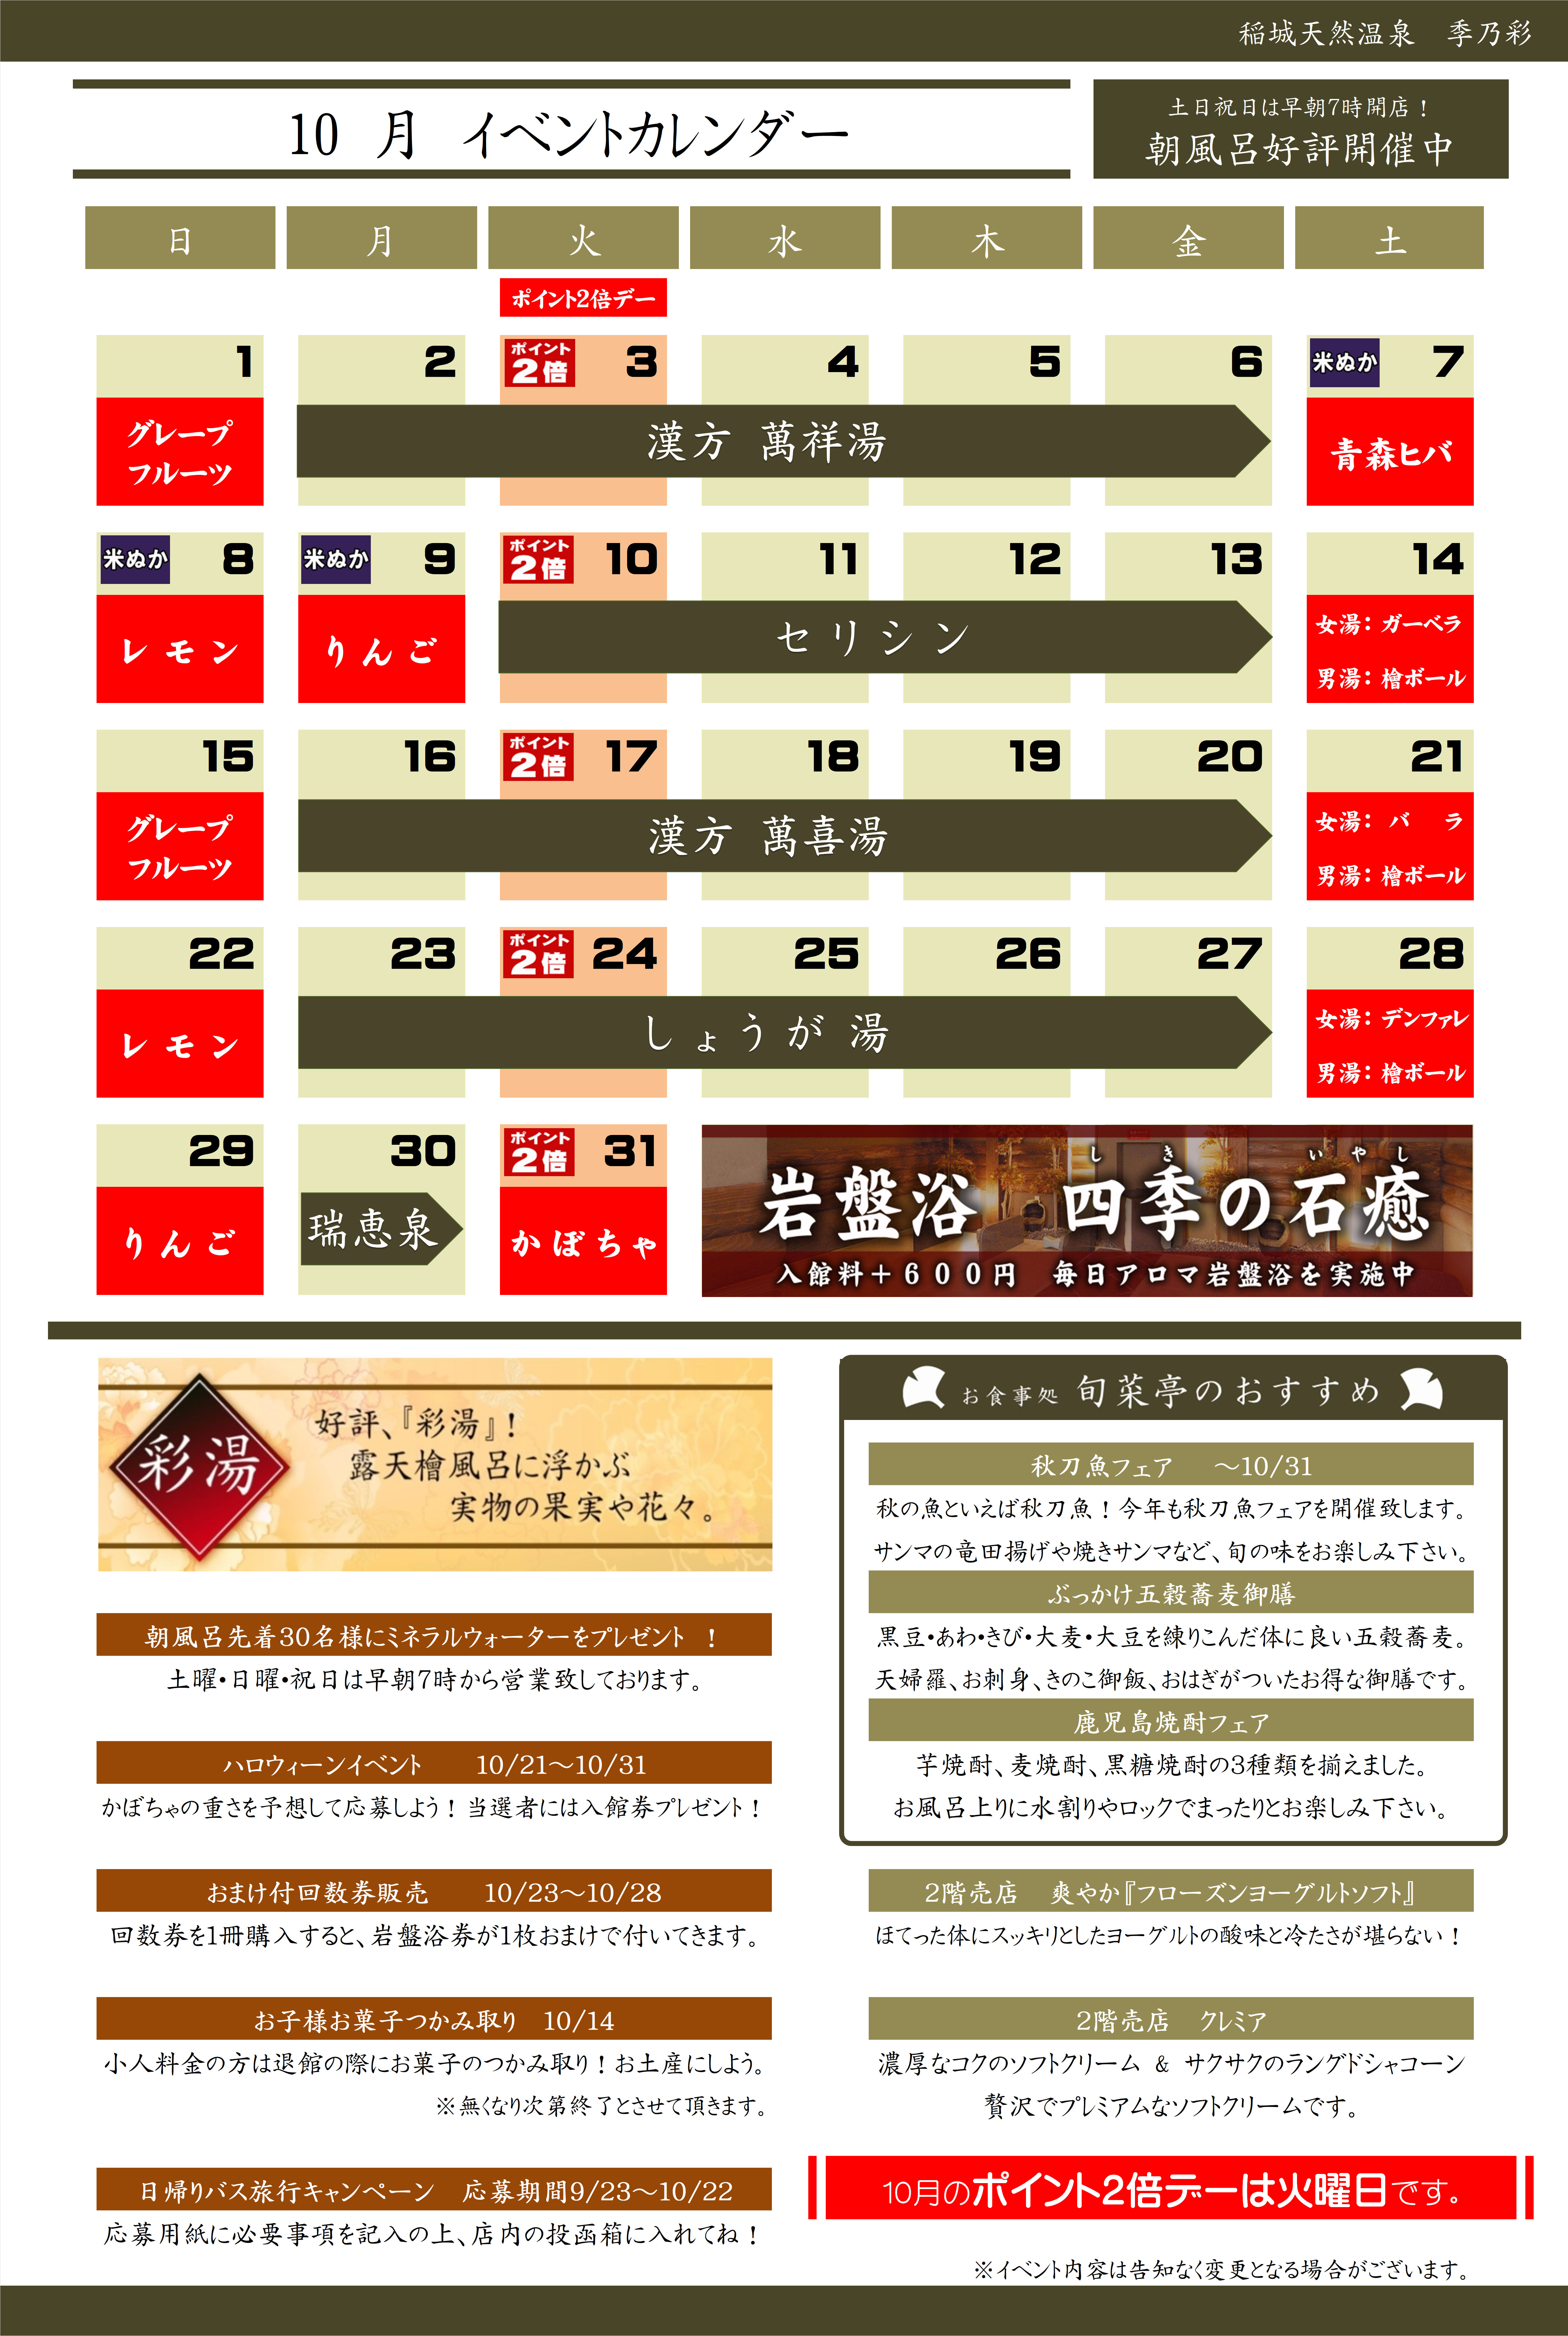 イベントカレンダー 201710_3